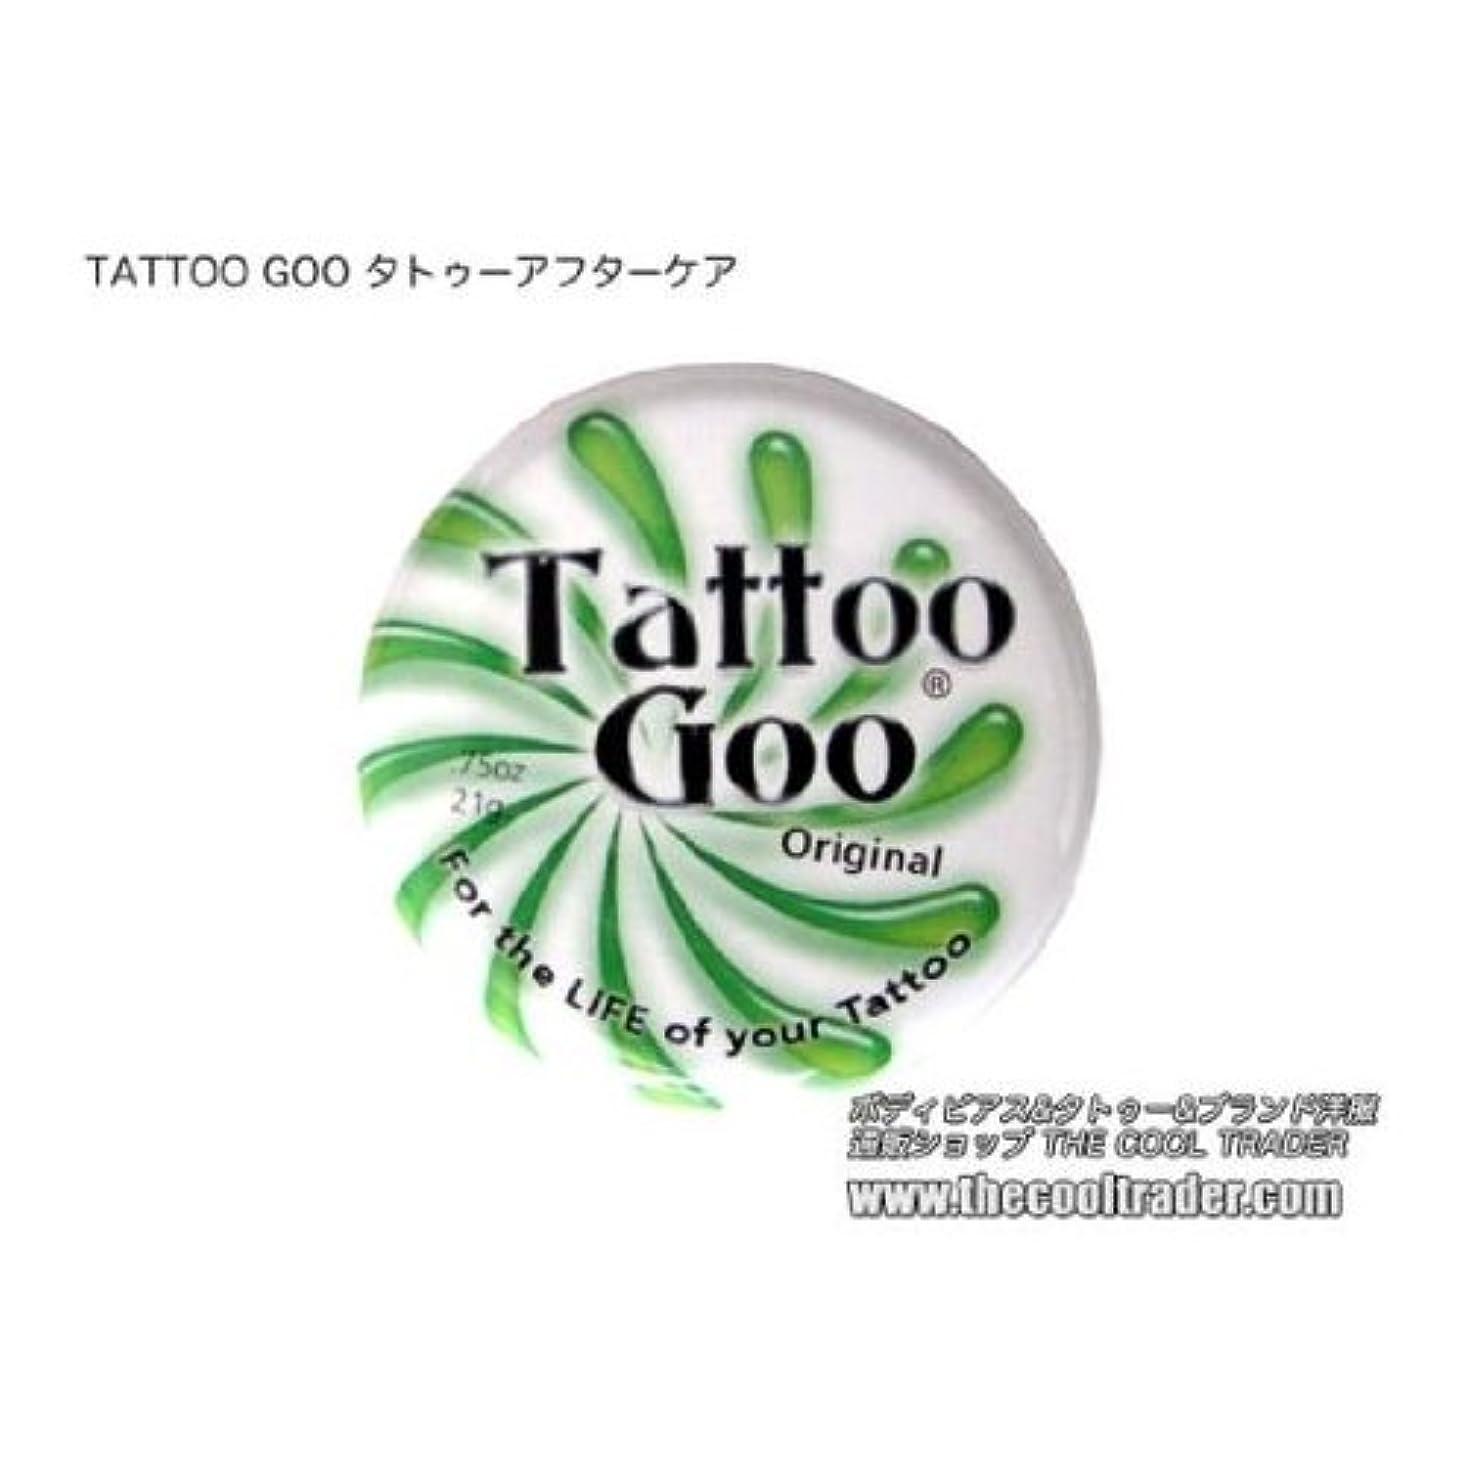 で出来ているかりて洗剤TATTOO GOO タトゥー&ボディピアス専用アフターケア 軟膏クリーム オリジナル